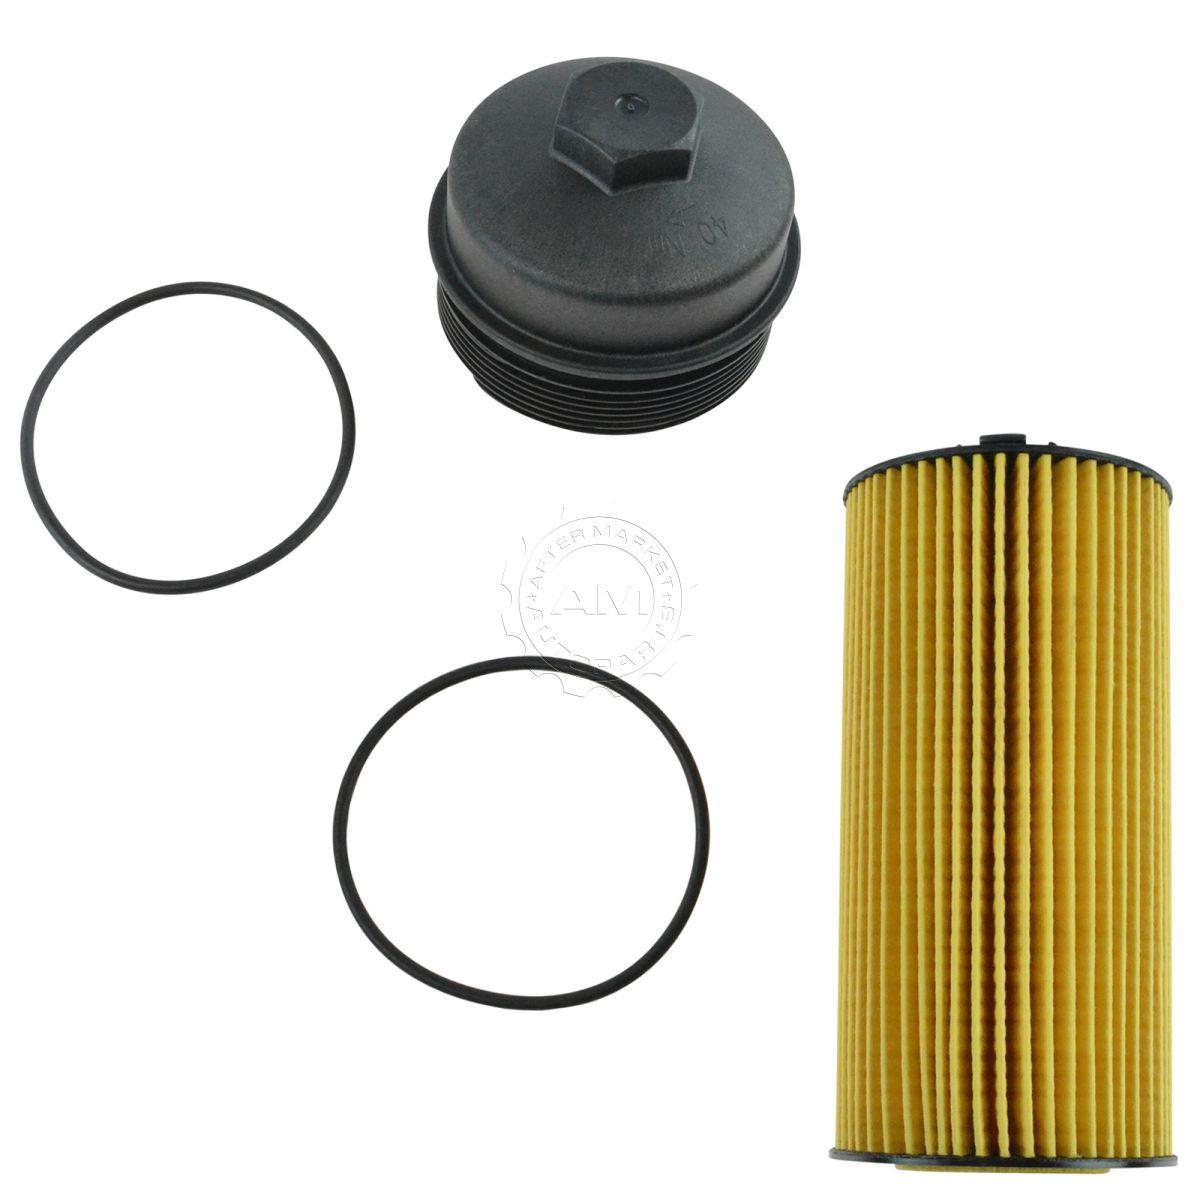 hight resolution of motorcraft oil filter cap for super duty 6 0l 6 4l powerstroke diesel